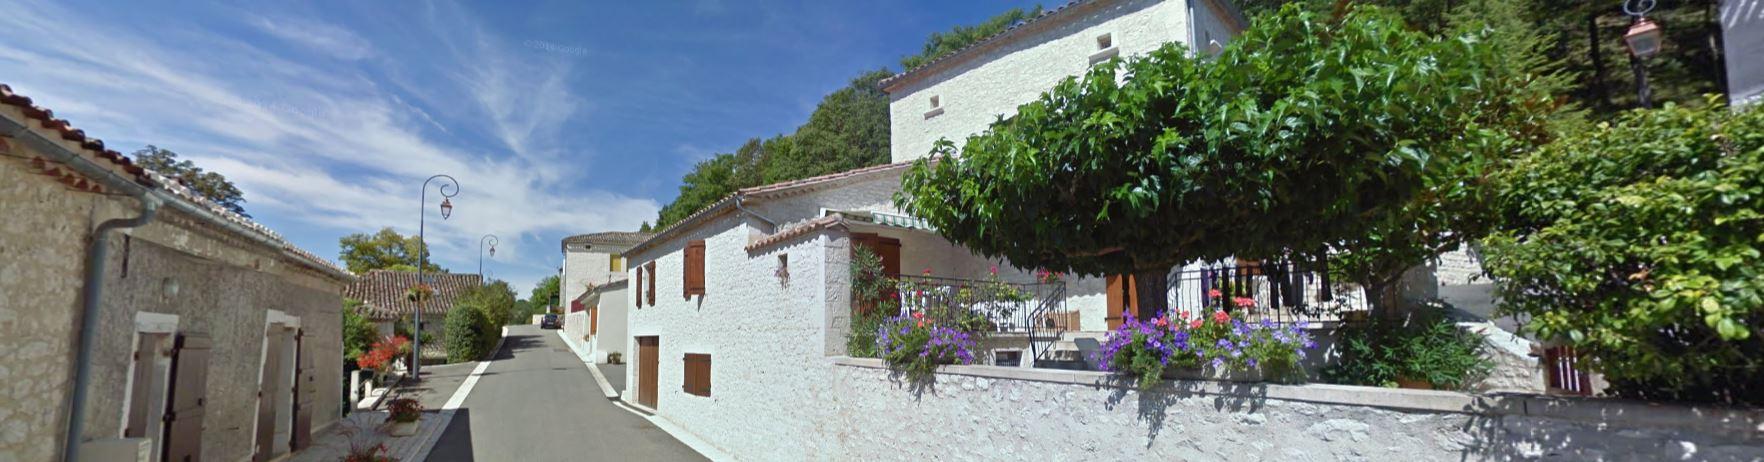 Belvèze village